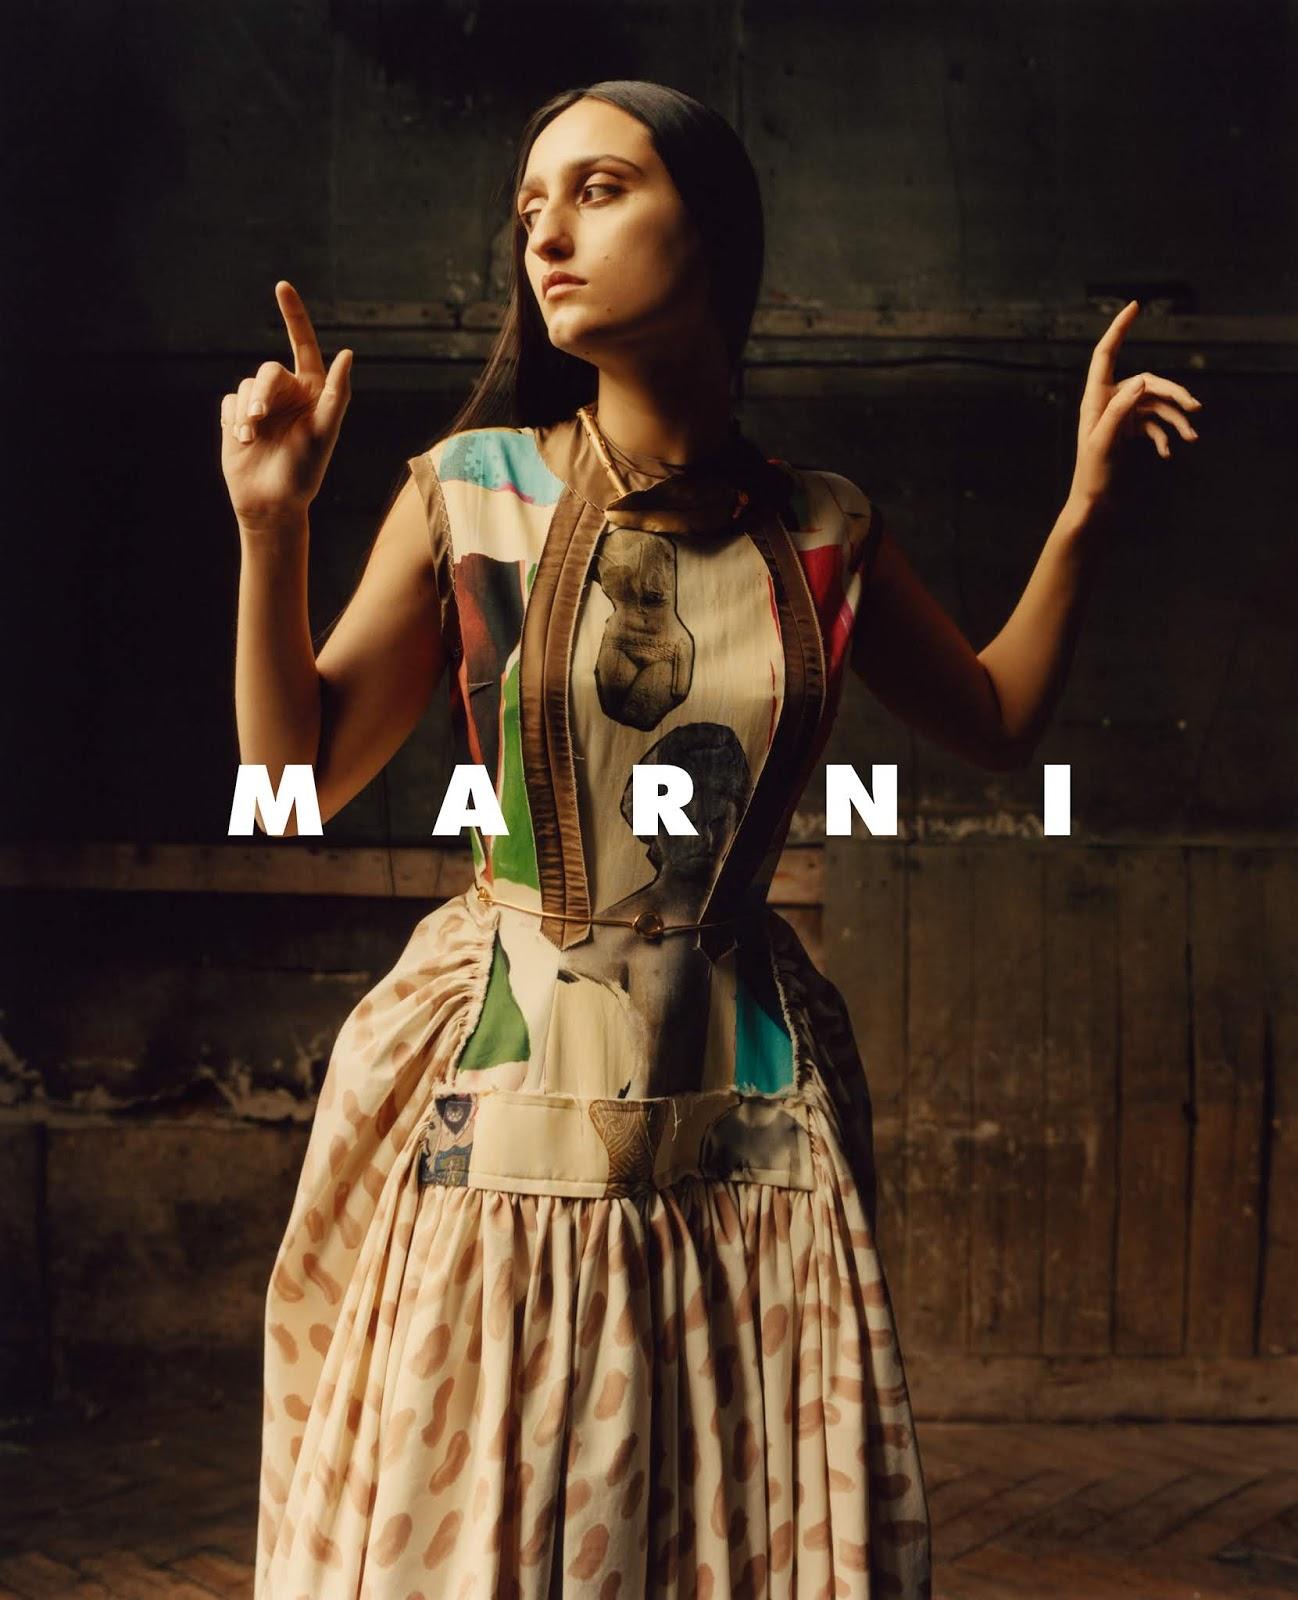 Ad Campaign Marni 2.jpg